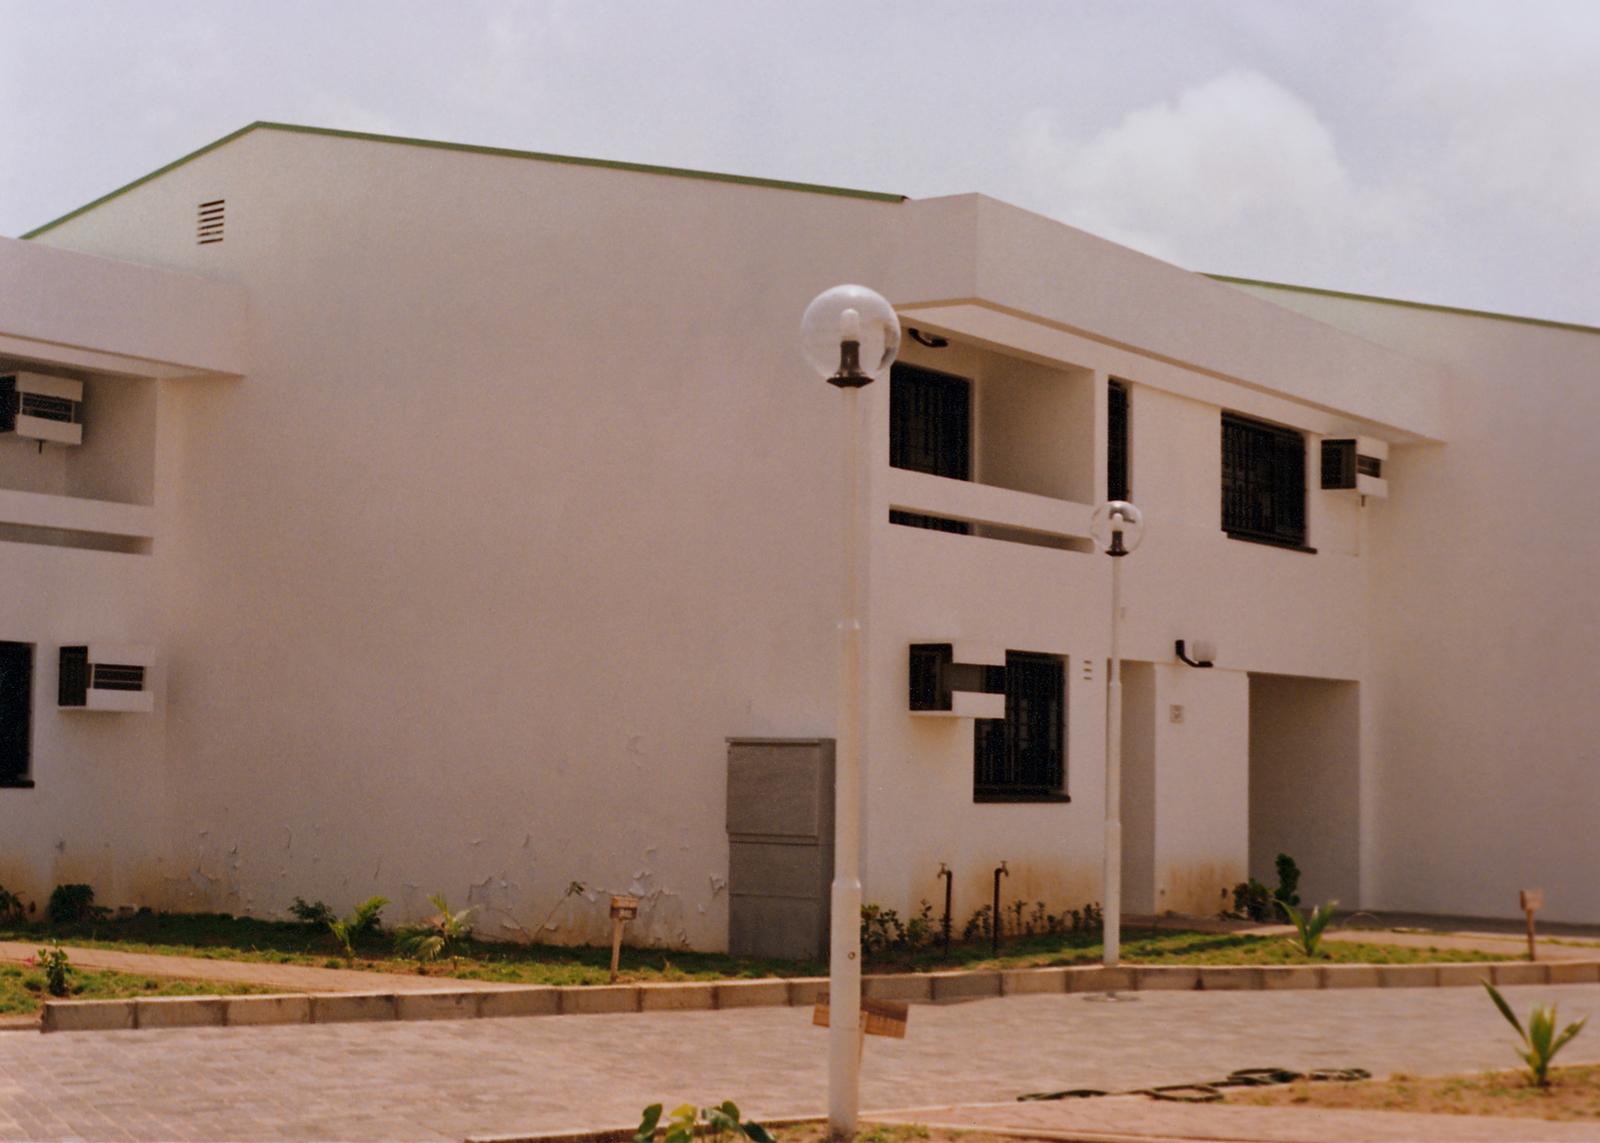 Lagos - Standard Level Position Residence - 1991